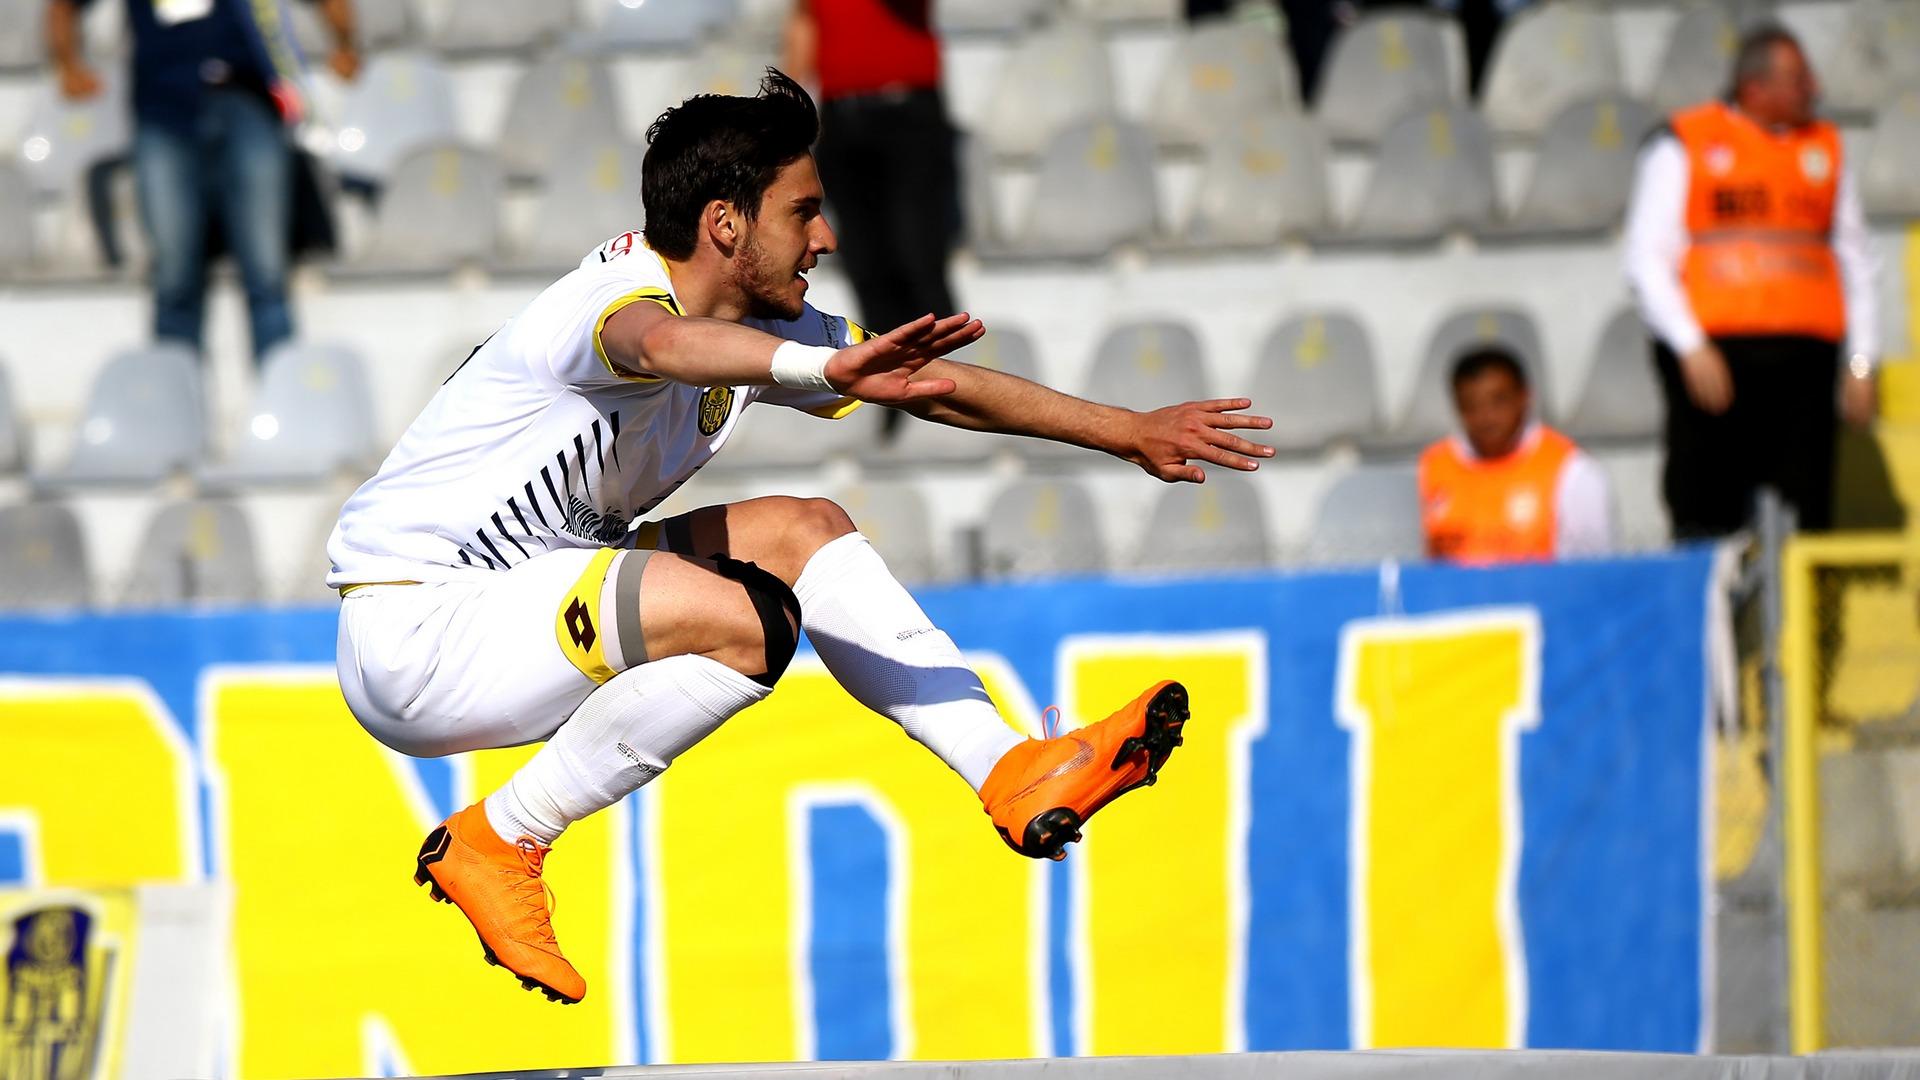 Mehmet Umut Nayir Ankaragucu